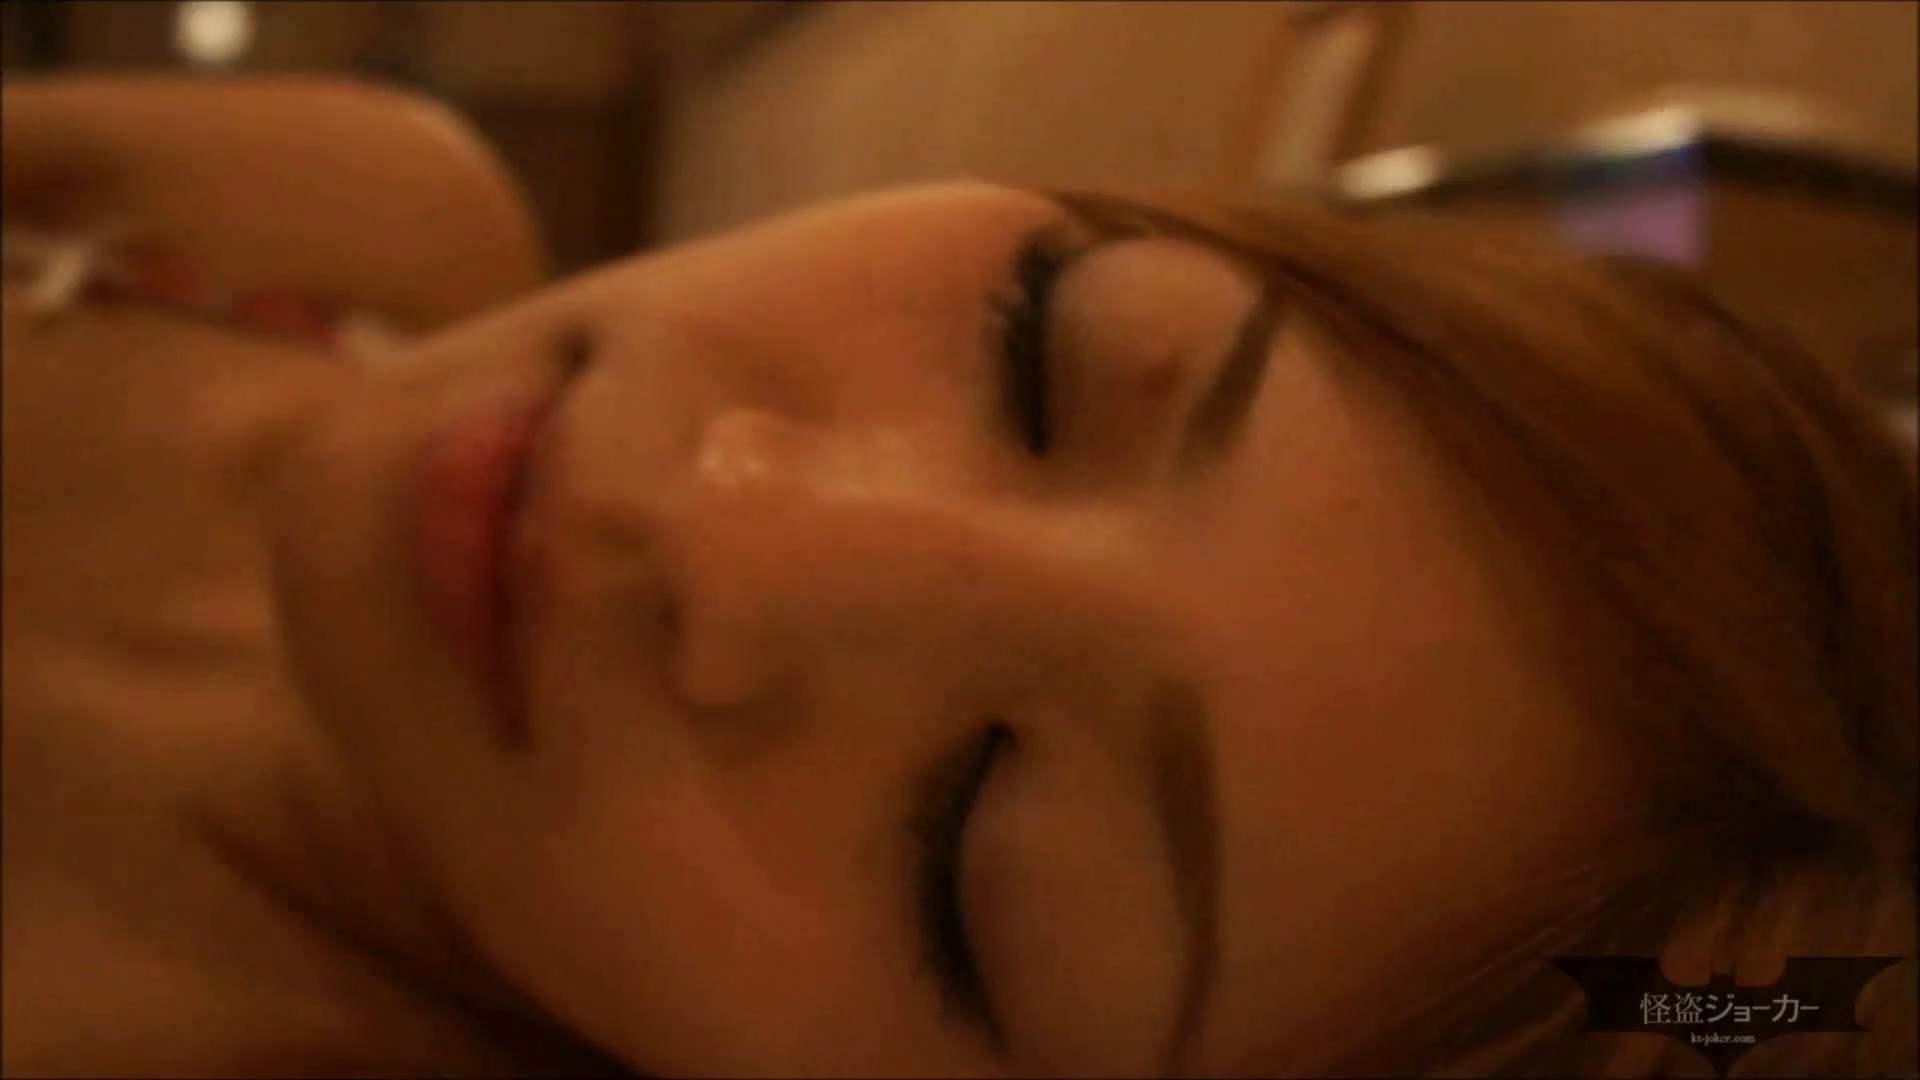 【未公開】vol.20 セレブ美魔女・カリソメの笑顔。最後の交わり...生中出し OLハメ撮り  83Pix 32